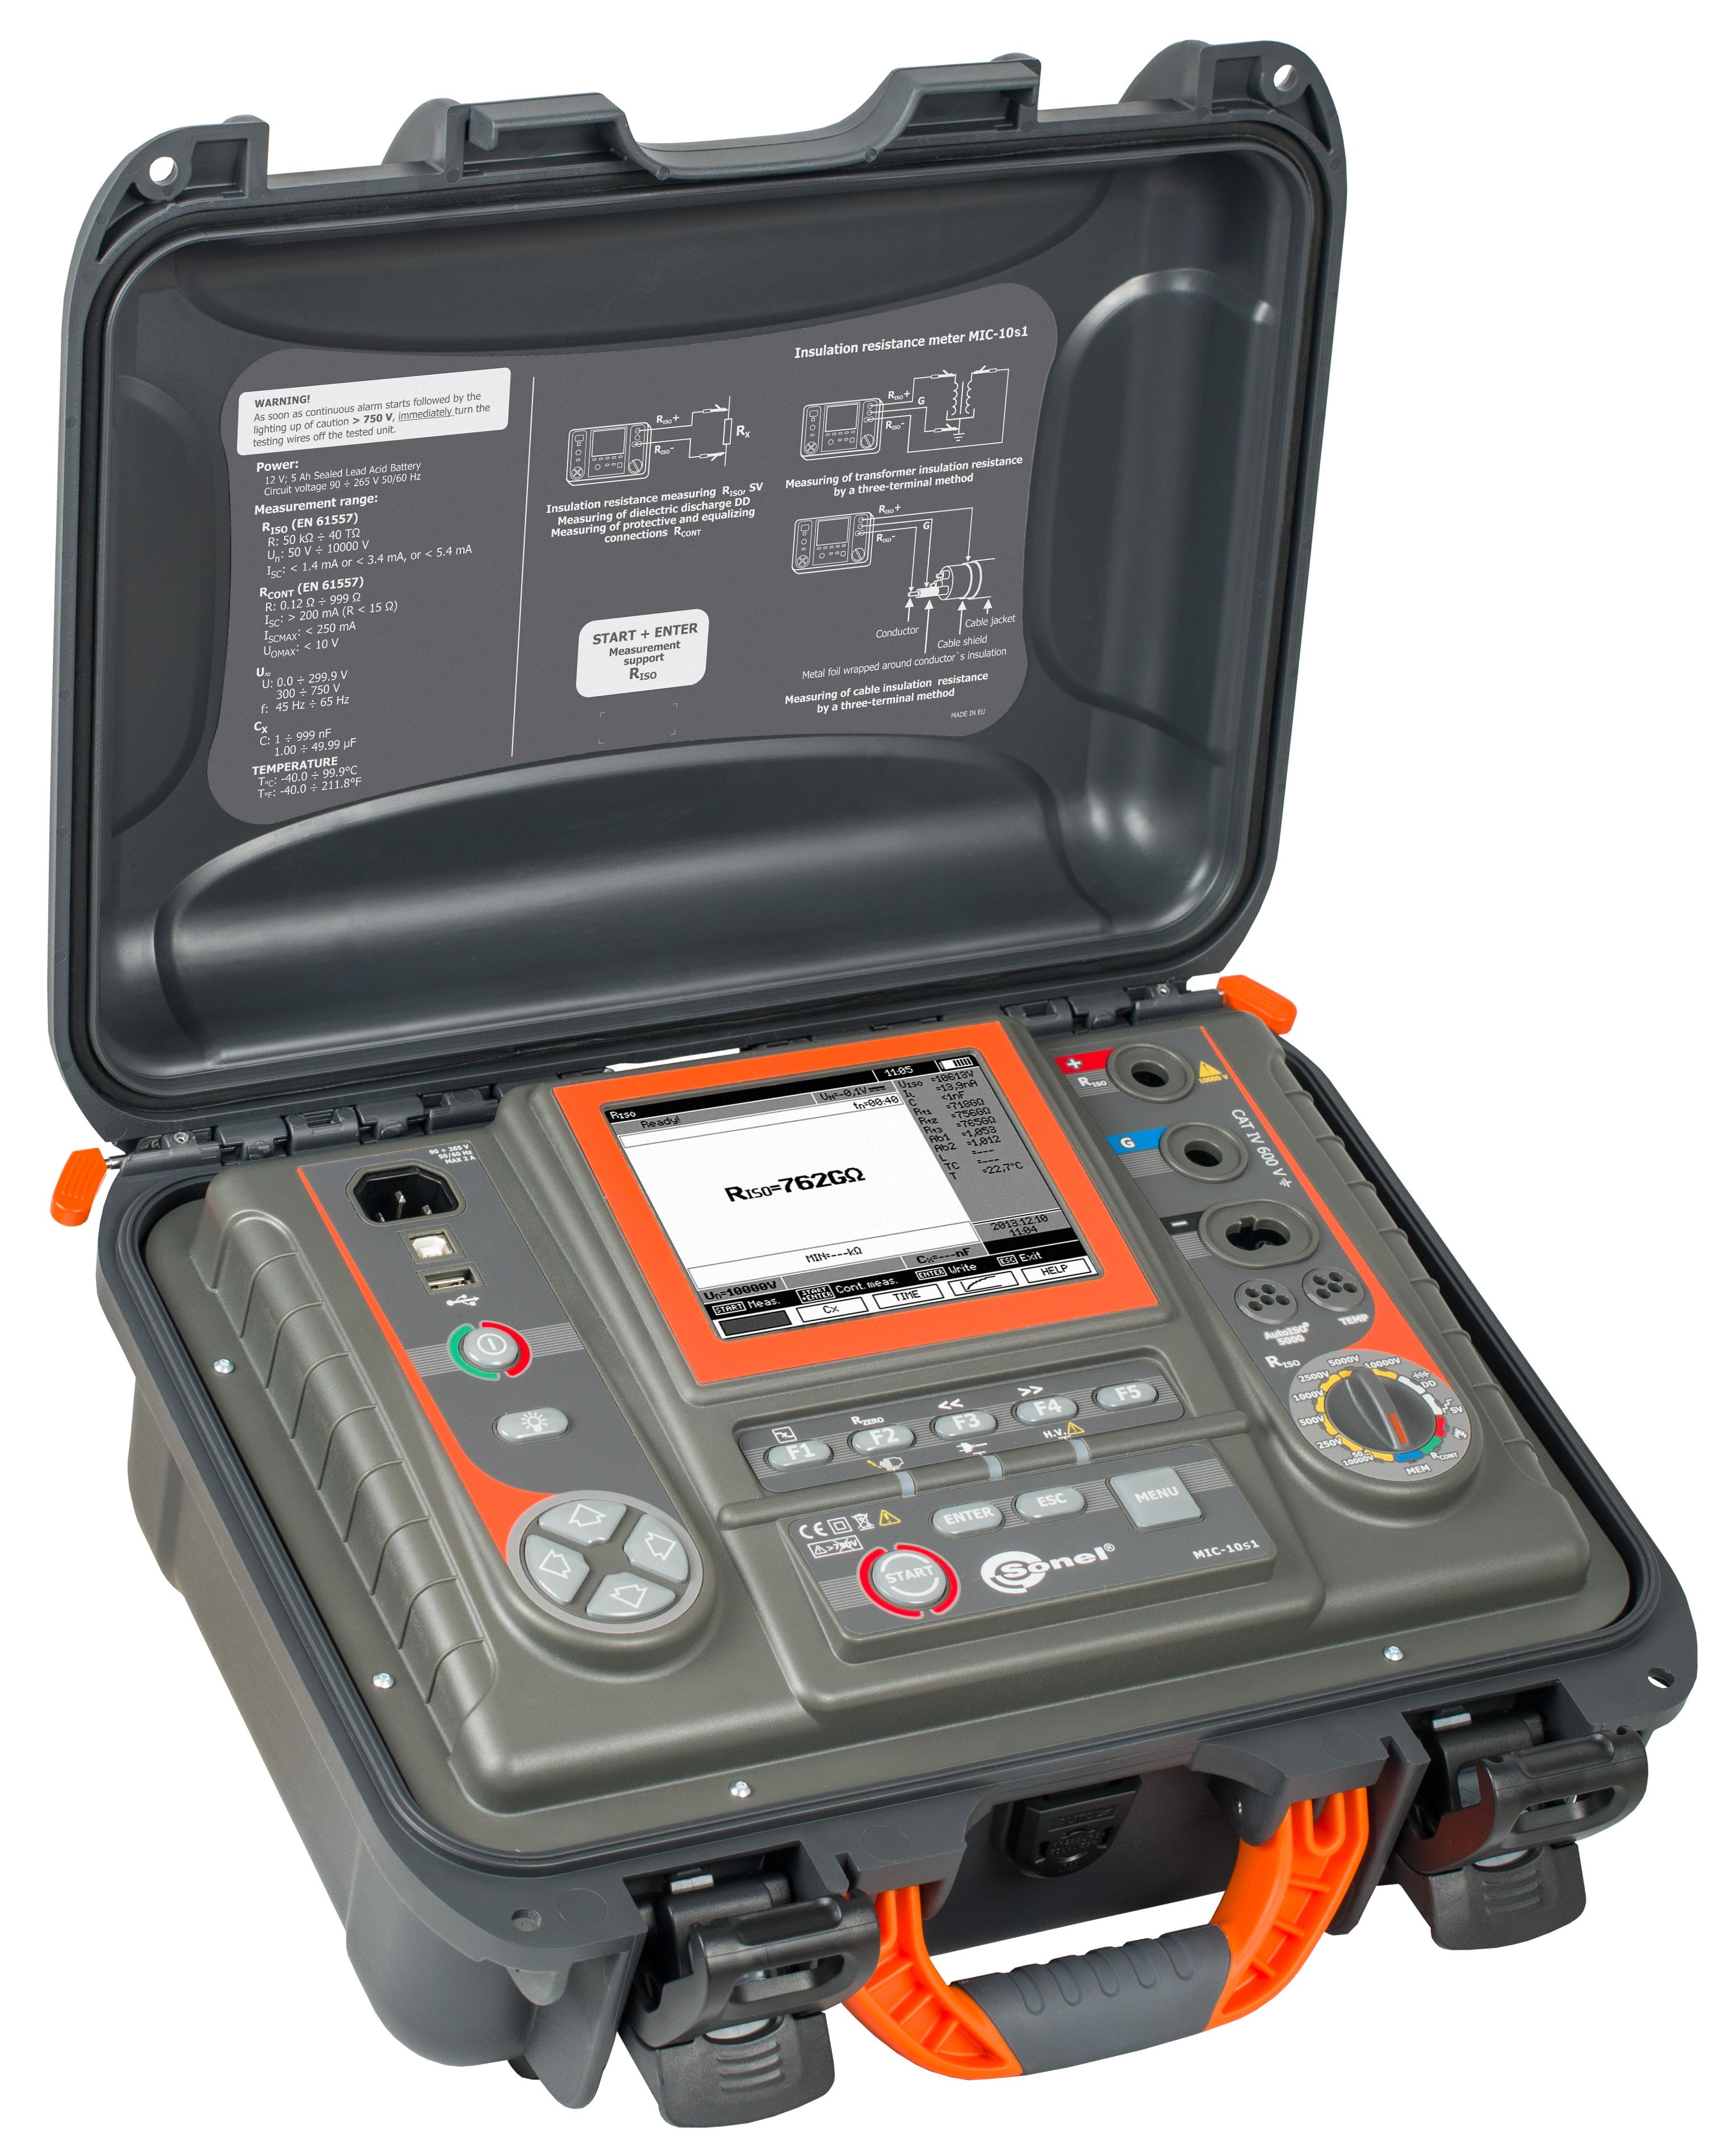 Mic 10 1kv Class Insulation Tester Sonel Test